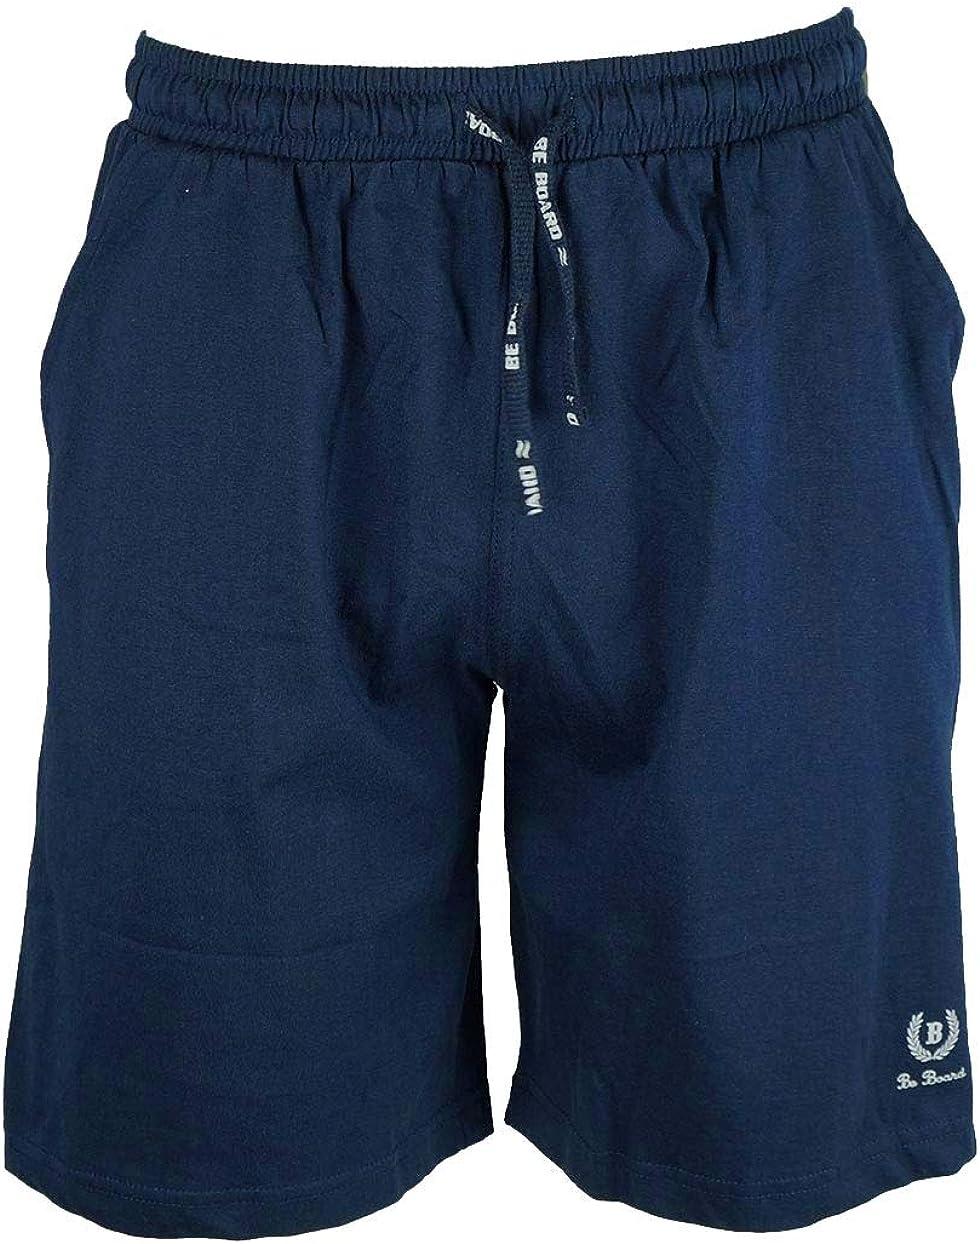 BE BOARD Pantalone Corto Bermuda Sportivo Uomo Cotone Leggero Taglie Forti Art 911 Conf